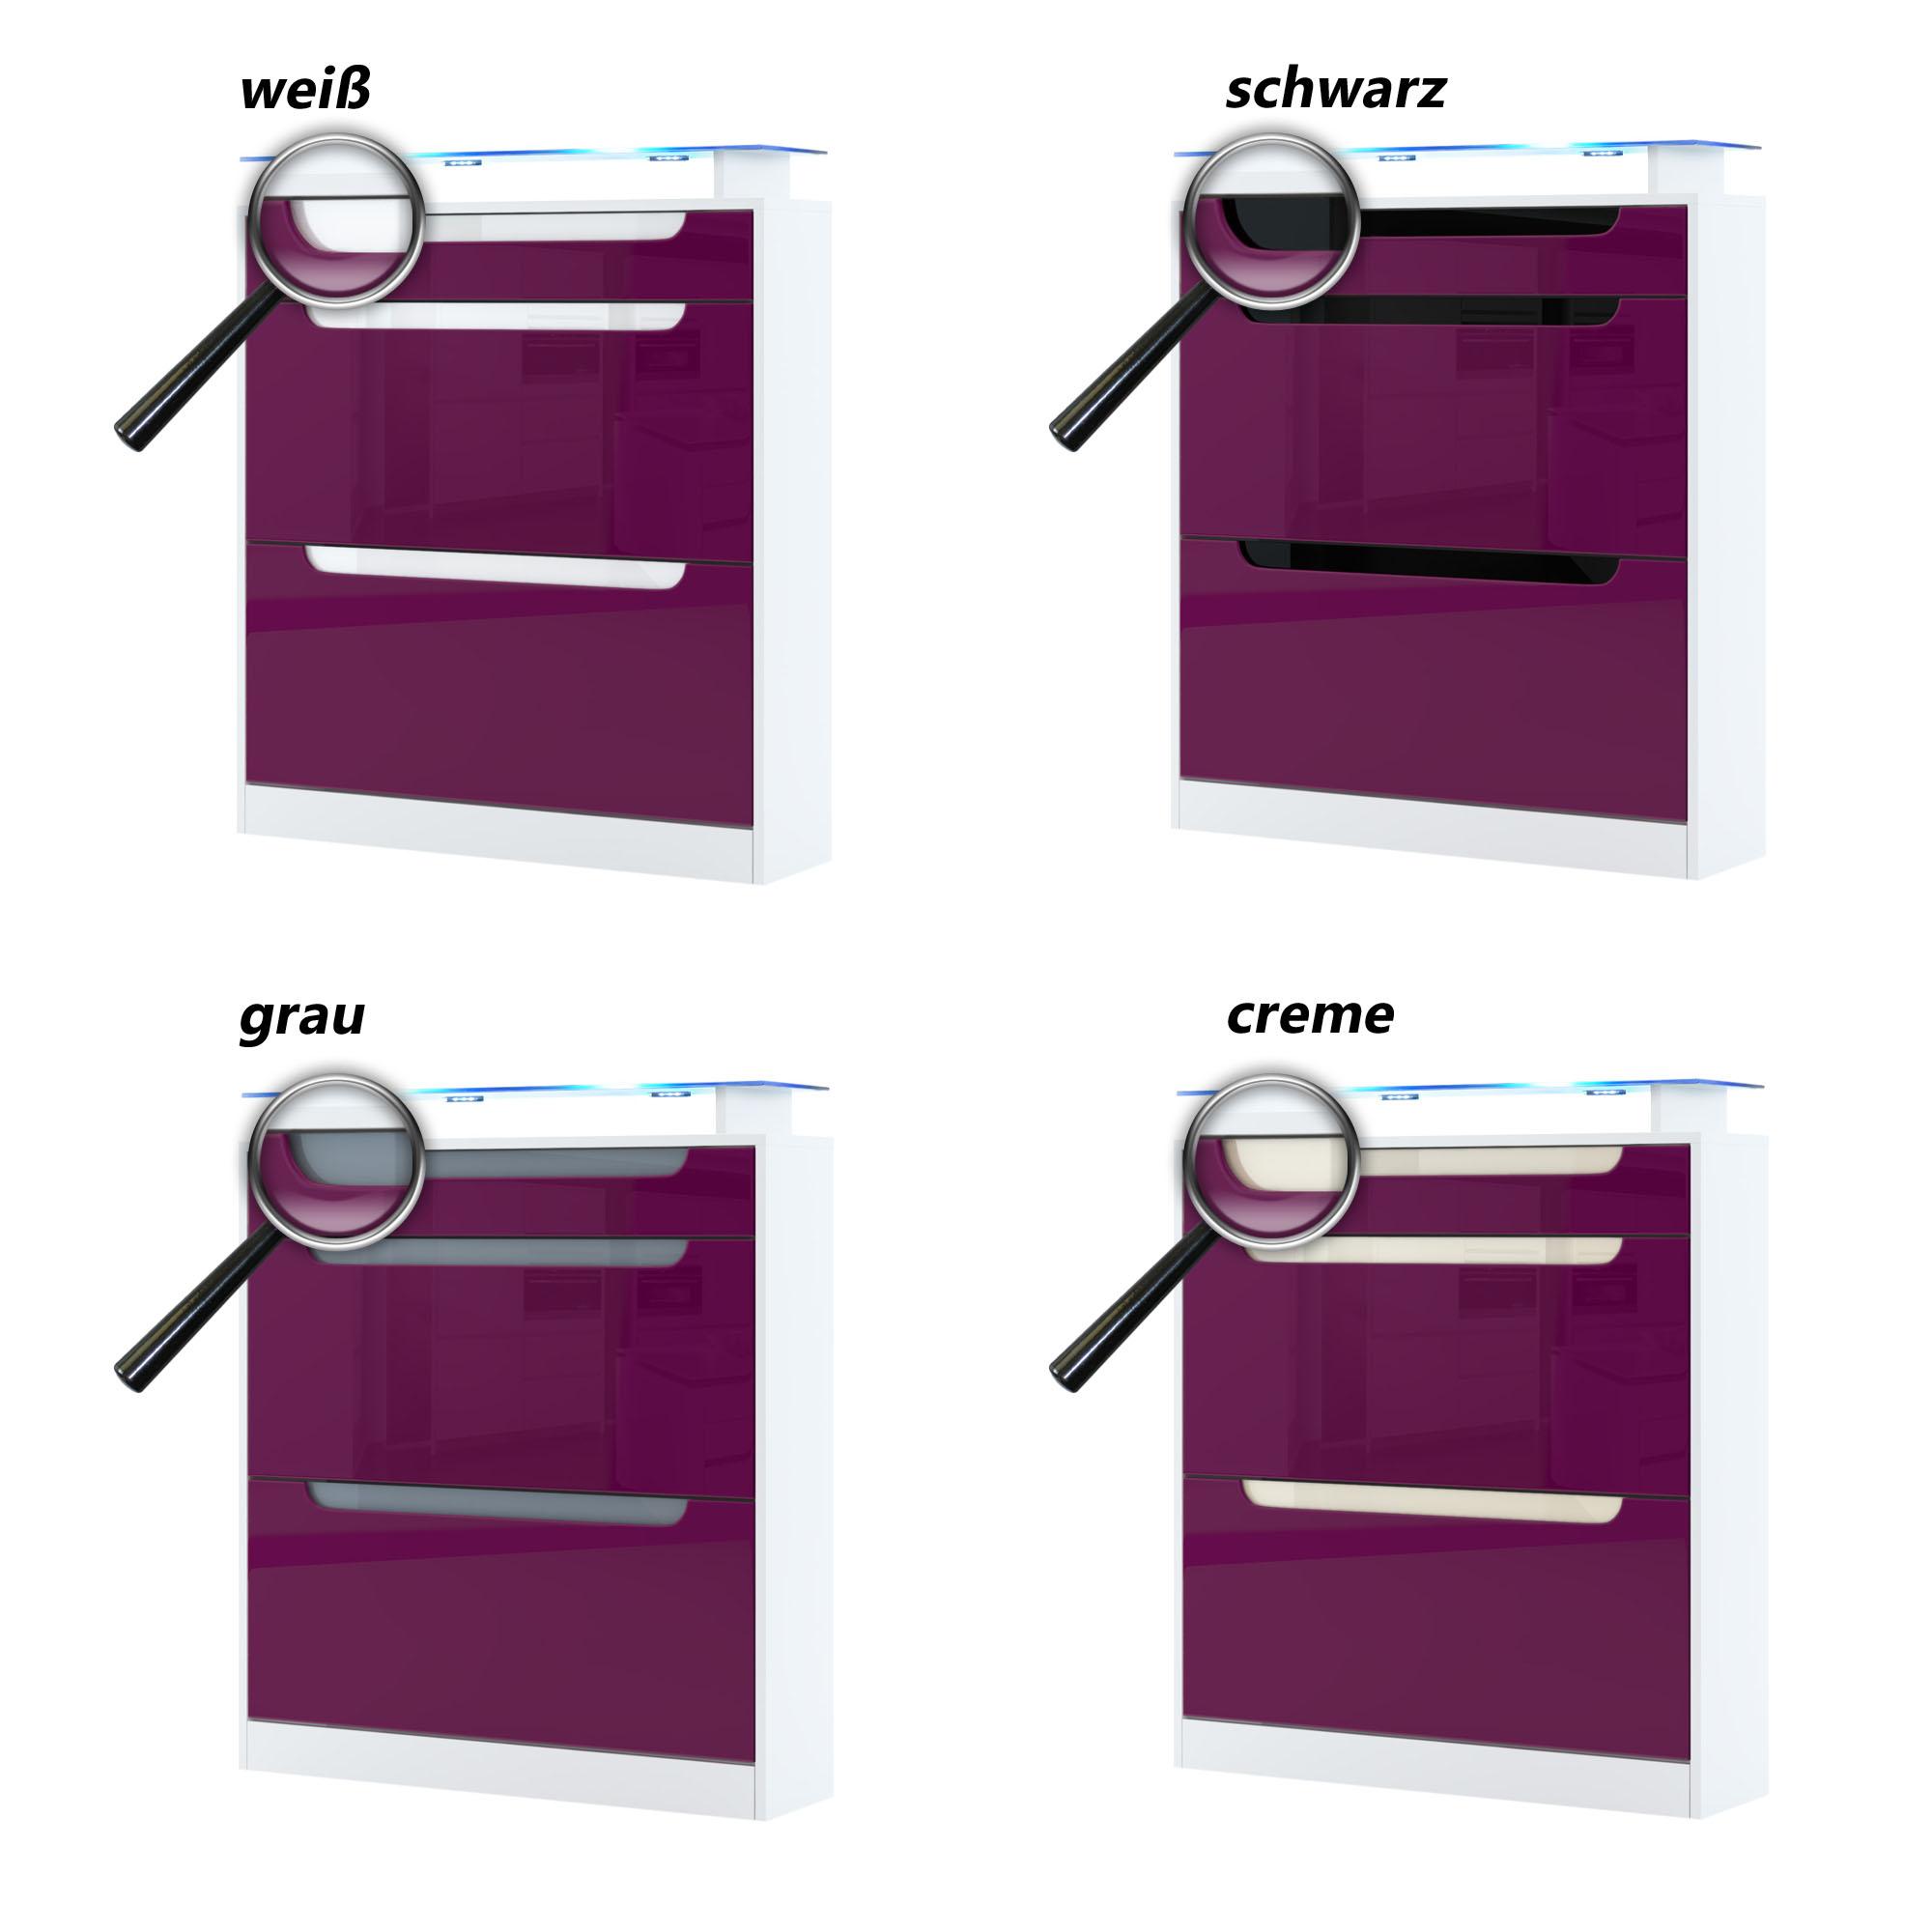 schuhschrank schuhkipper dielen schrank fiesta in wei hochglanz naturt ne ebay. Black Bedroom Furniture Sets. Home Design Ideas